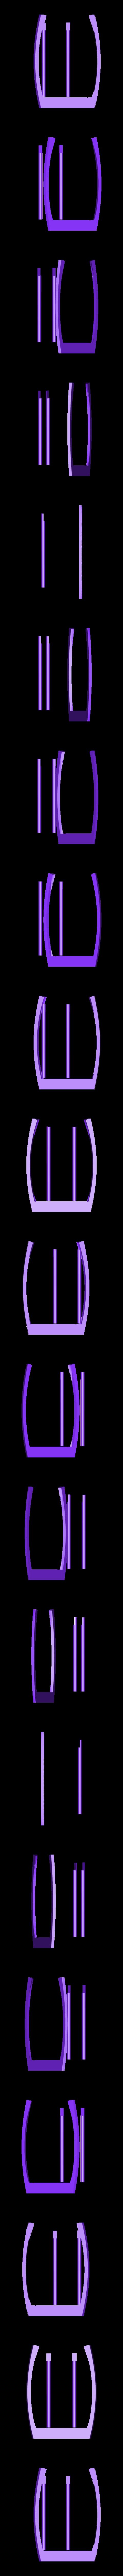 robo3D_silver.STL Download free STL file Multi-Color Robo R2 USB Holder • 3D printer model, MosaicManufacturing